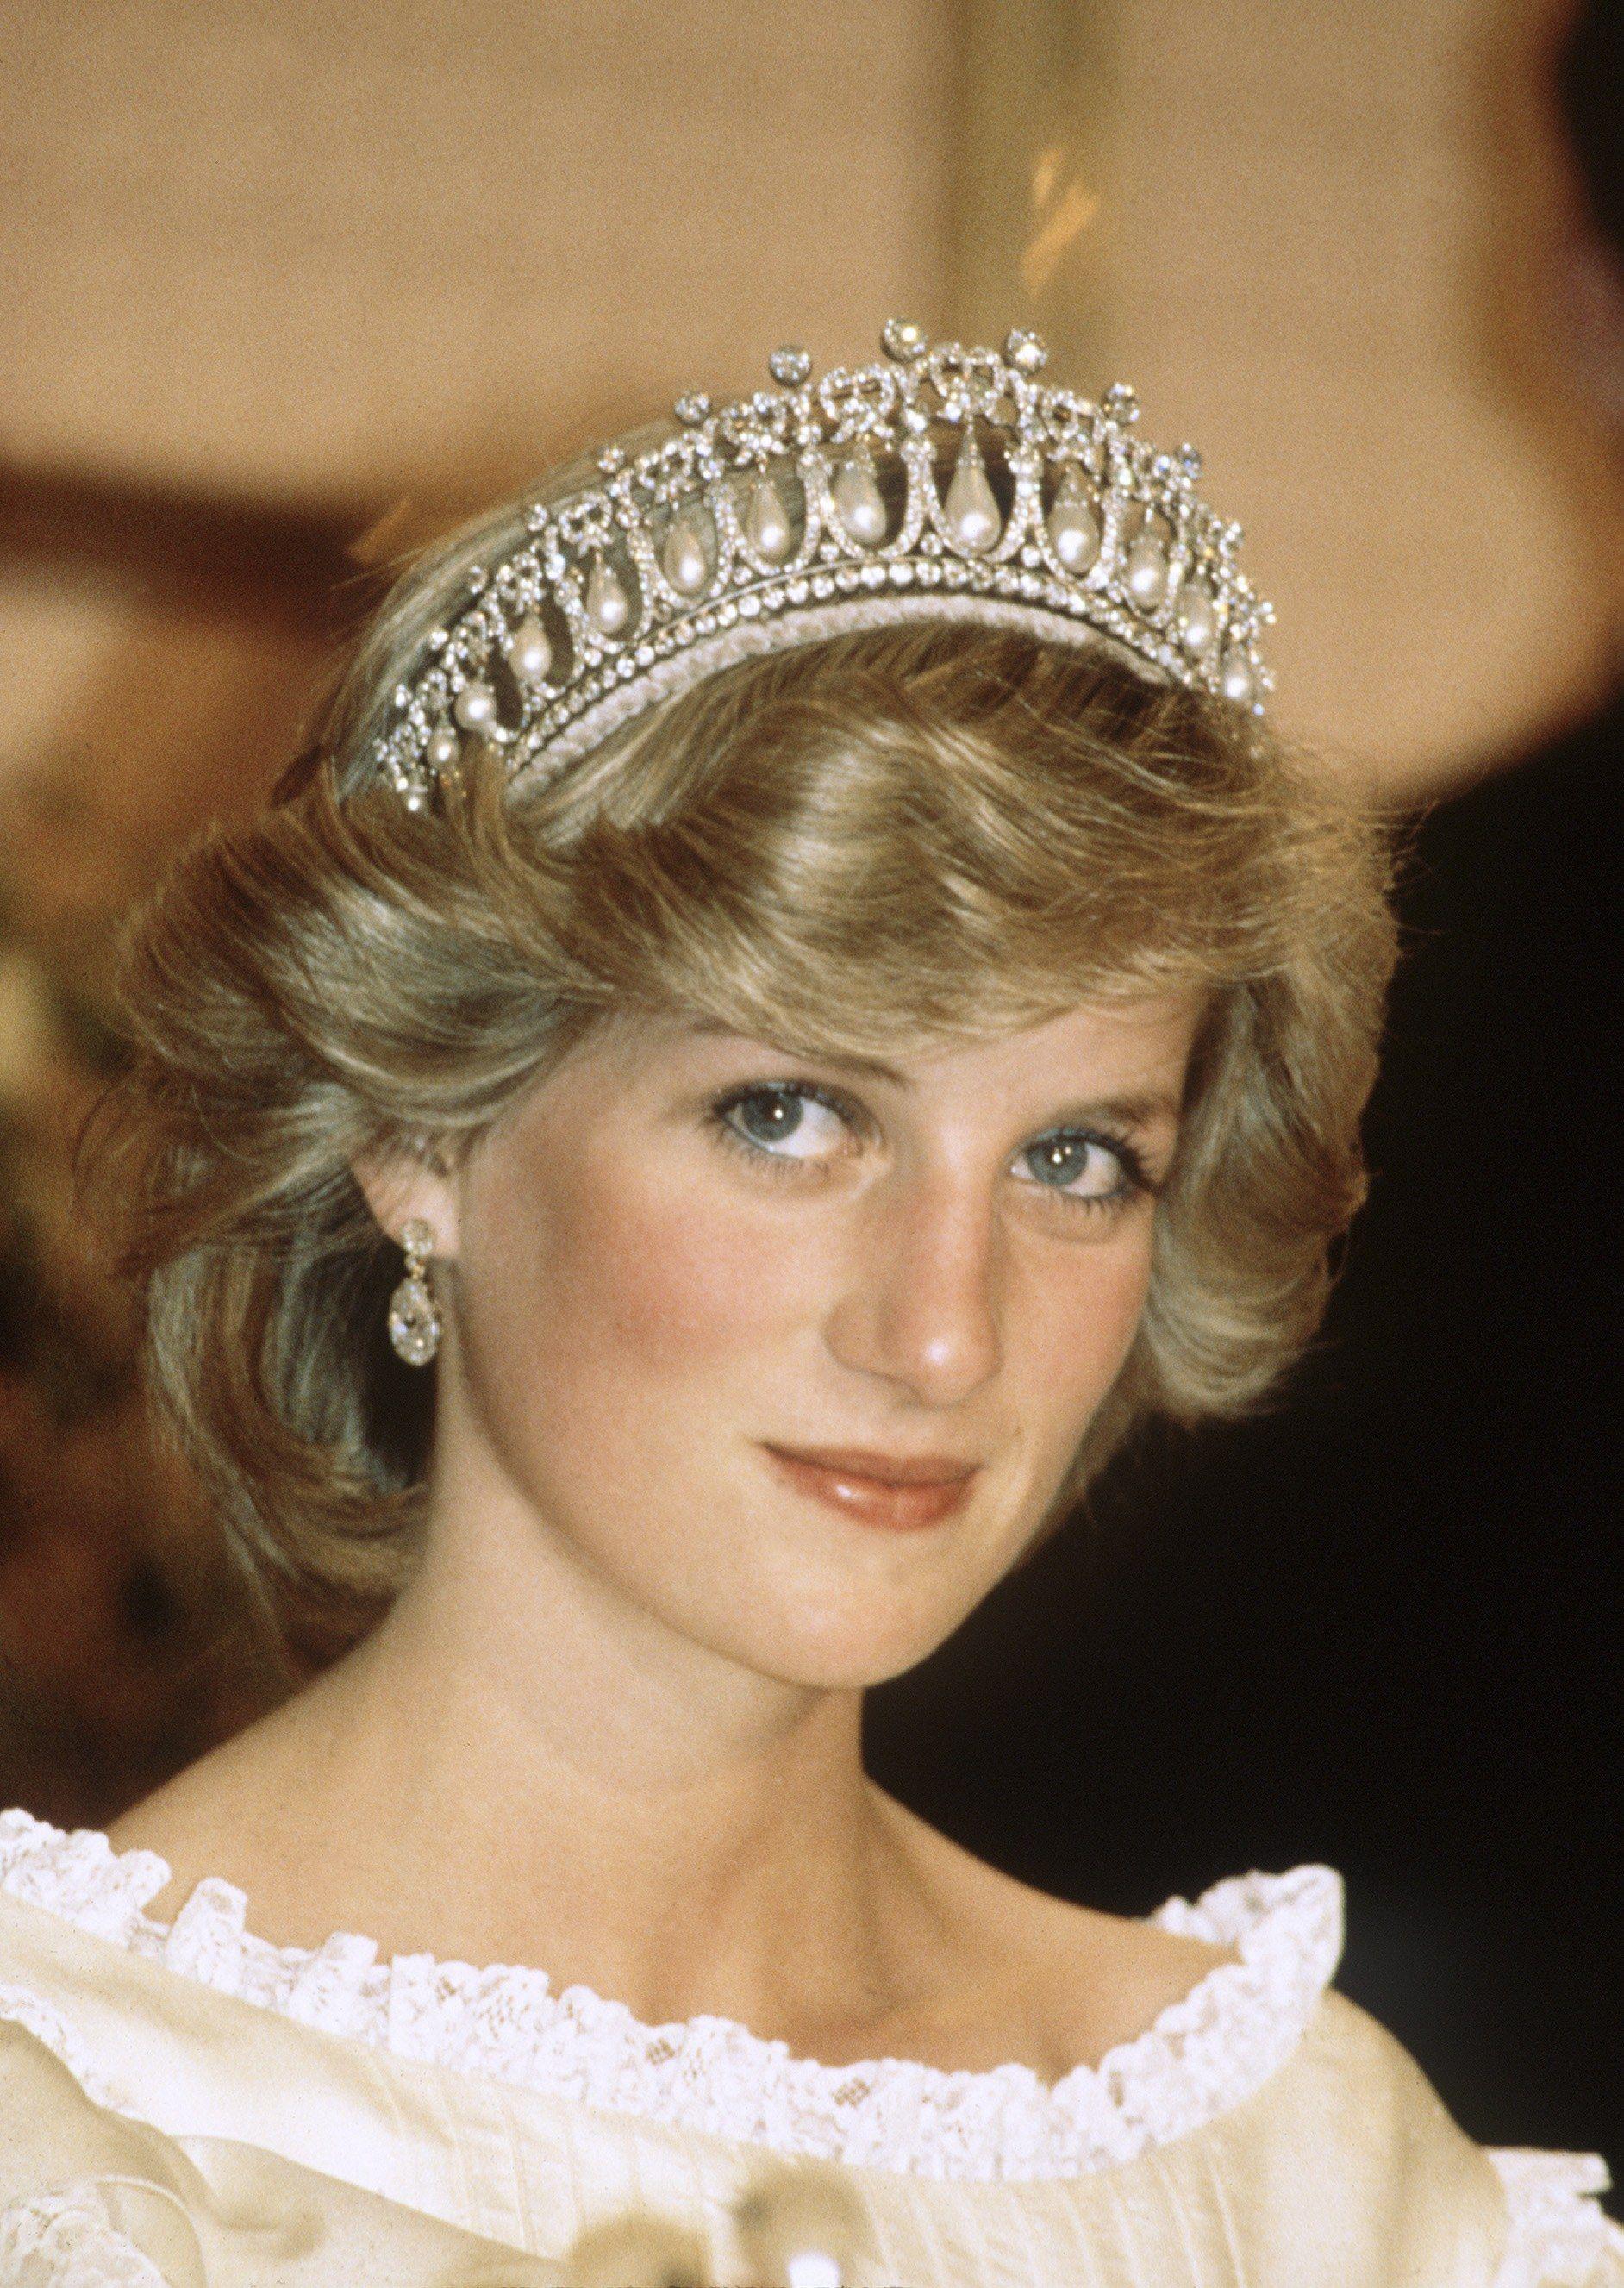 Đằng sau nhan sắc cùng khí chất hơn người của Công nương Diana lại là 5 tips làm đẹp đơn giản, ai cũng học được - Ảnh 1.